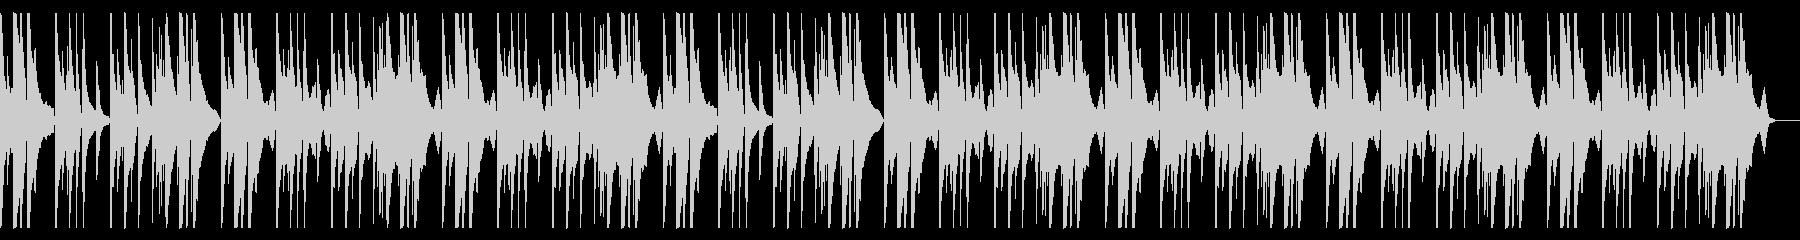 明るく切ないピアノメインのBGMcの未再生の波形